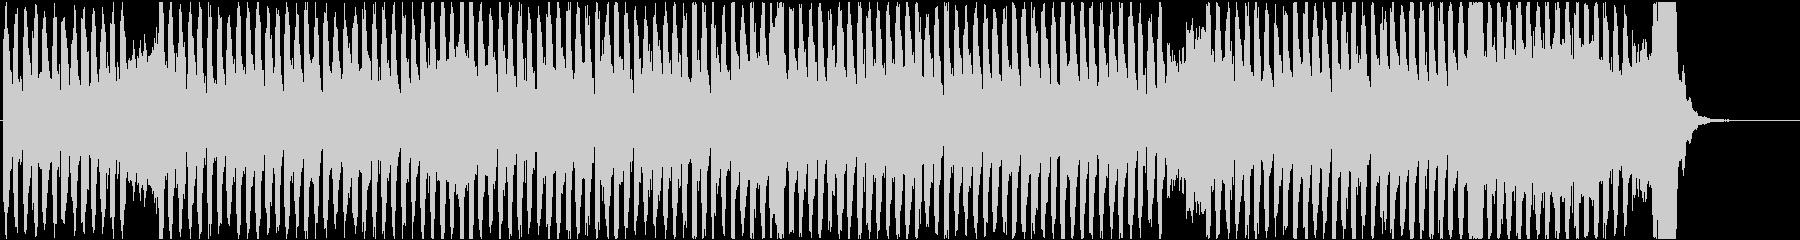 クラシック「愛の挨拶」のEDMアレンジの未再生の波形